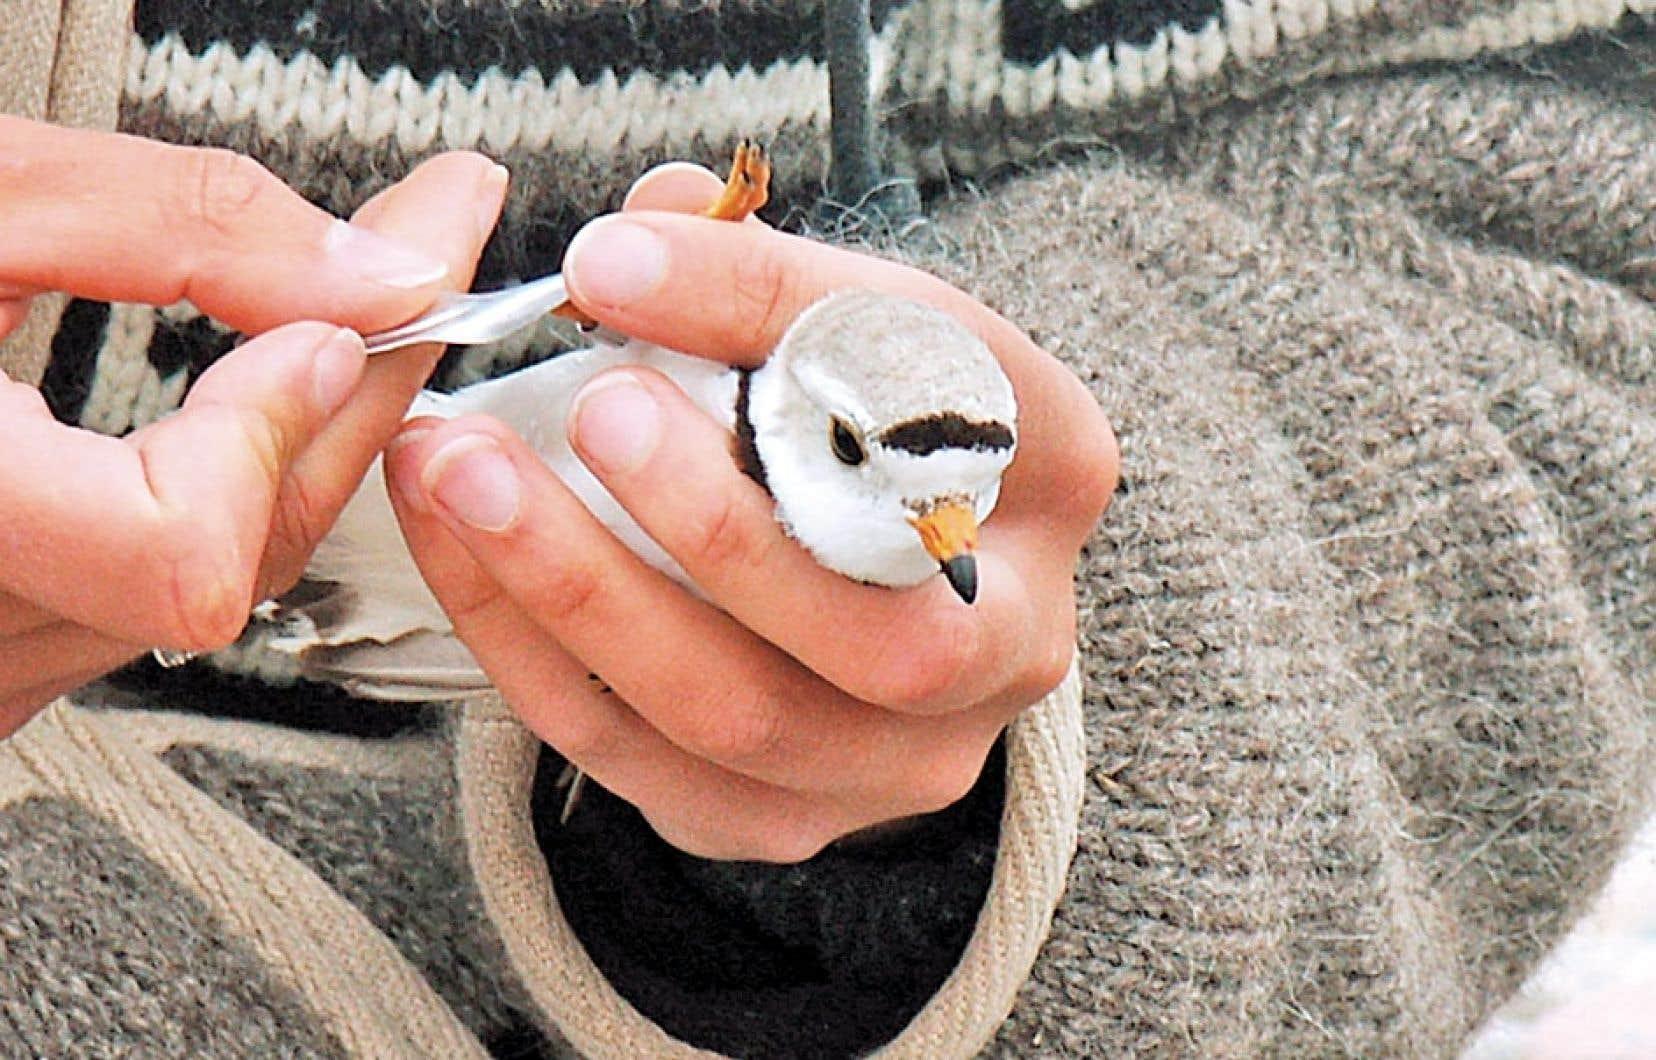 Un chercheur examine un pluvier siffleur, un habitant des berges du lac Supérieur qui fait l'objet d'une surveillance canado-américaine. Selon les données du gouvernement fédéral, la liste des espèces en danger de disparition ne cesse de s'allonger.